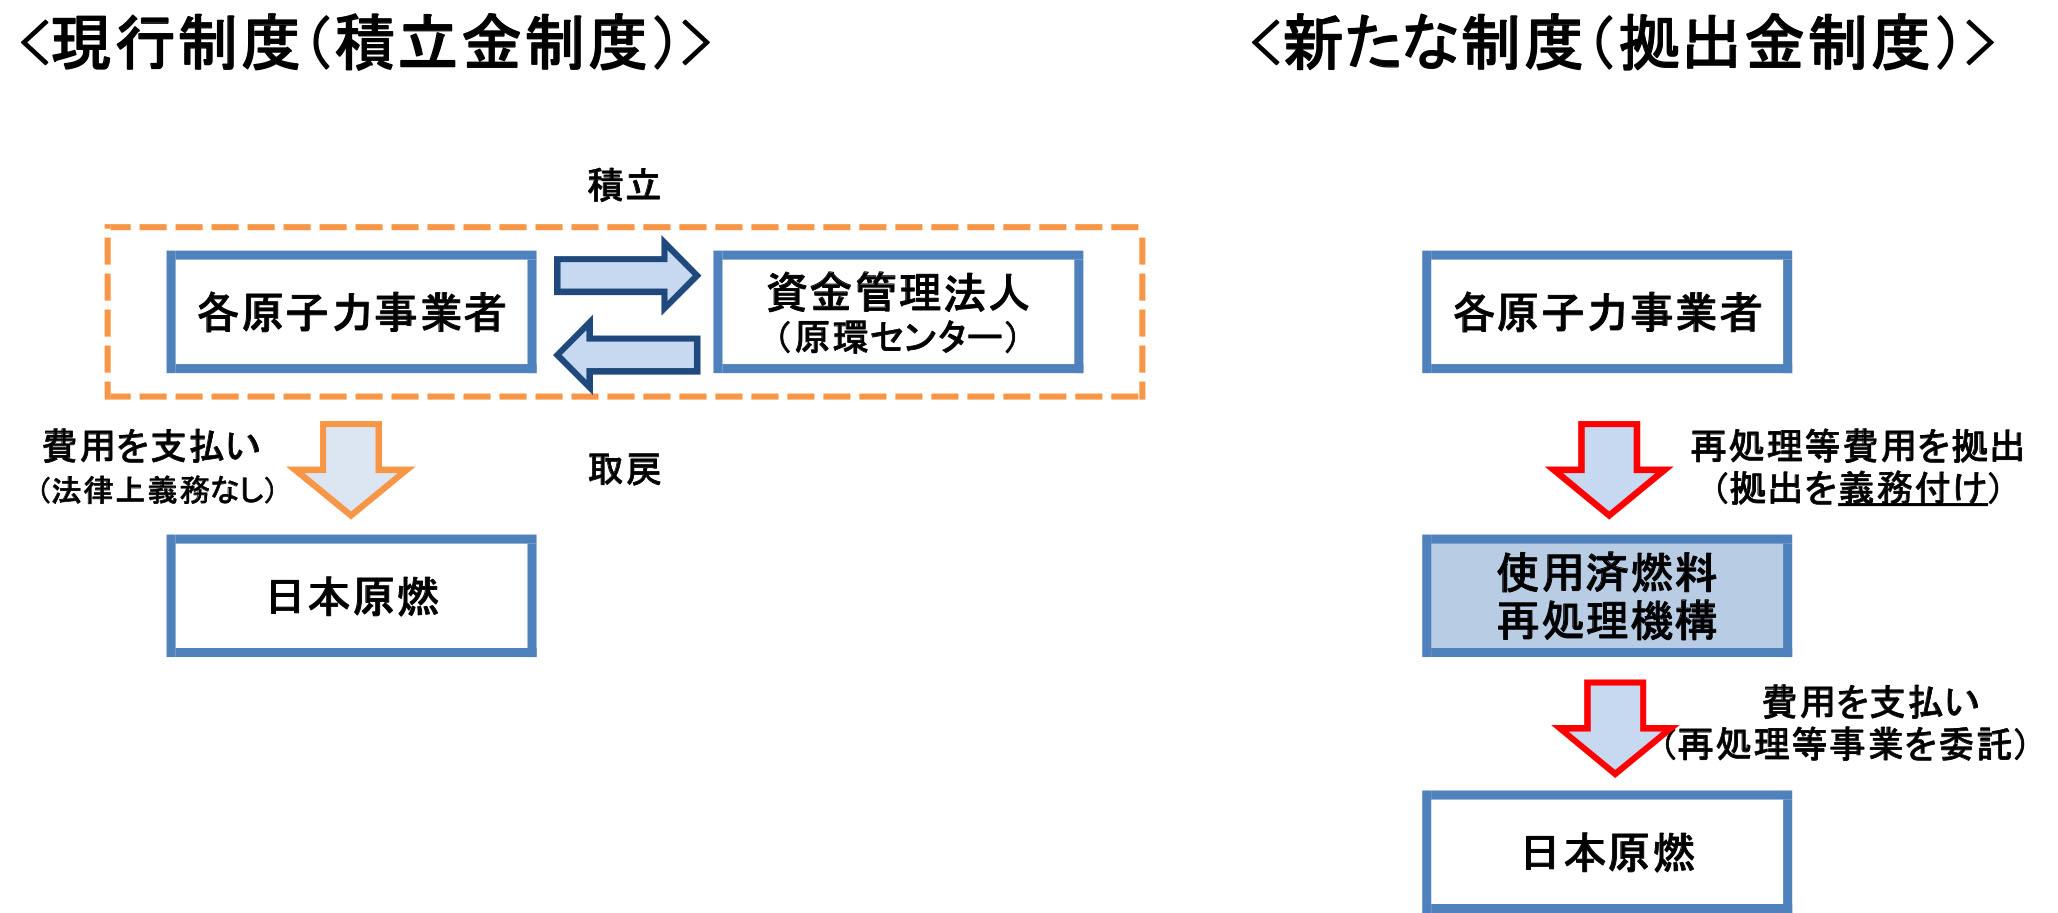 使用済燃料再処理機構」の設立が認可 | 一般社団法人 日本原子力産業協会